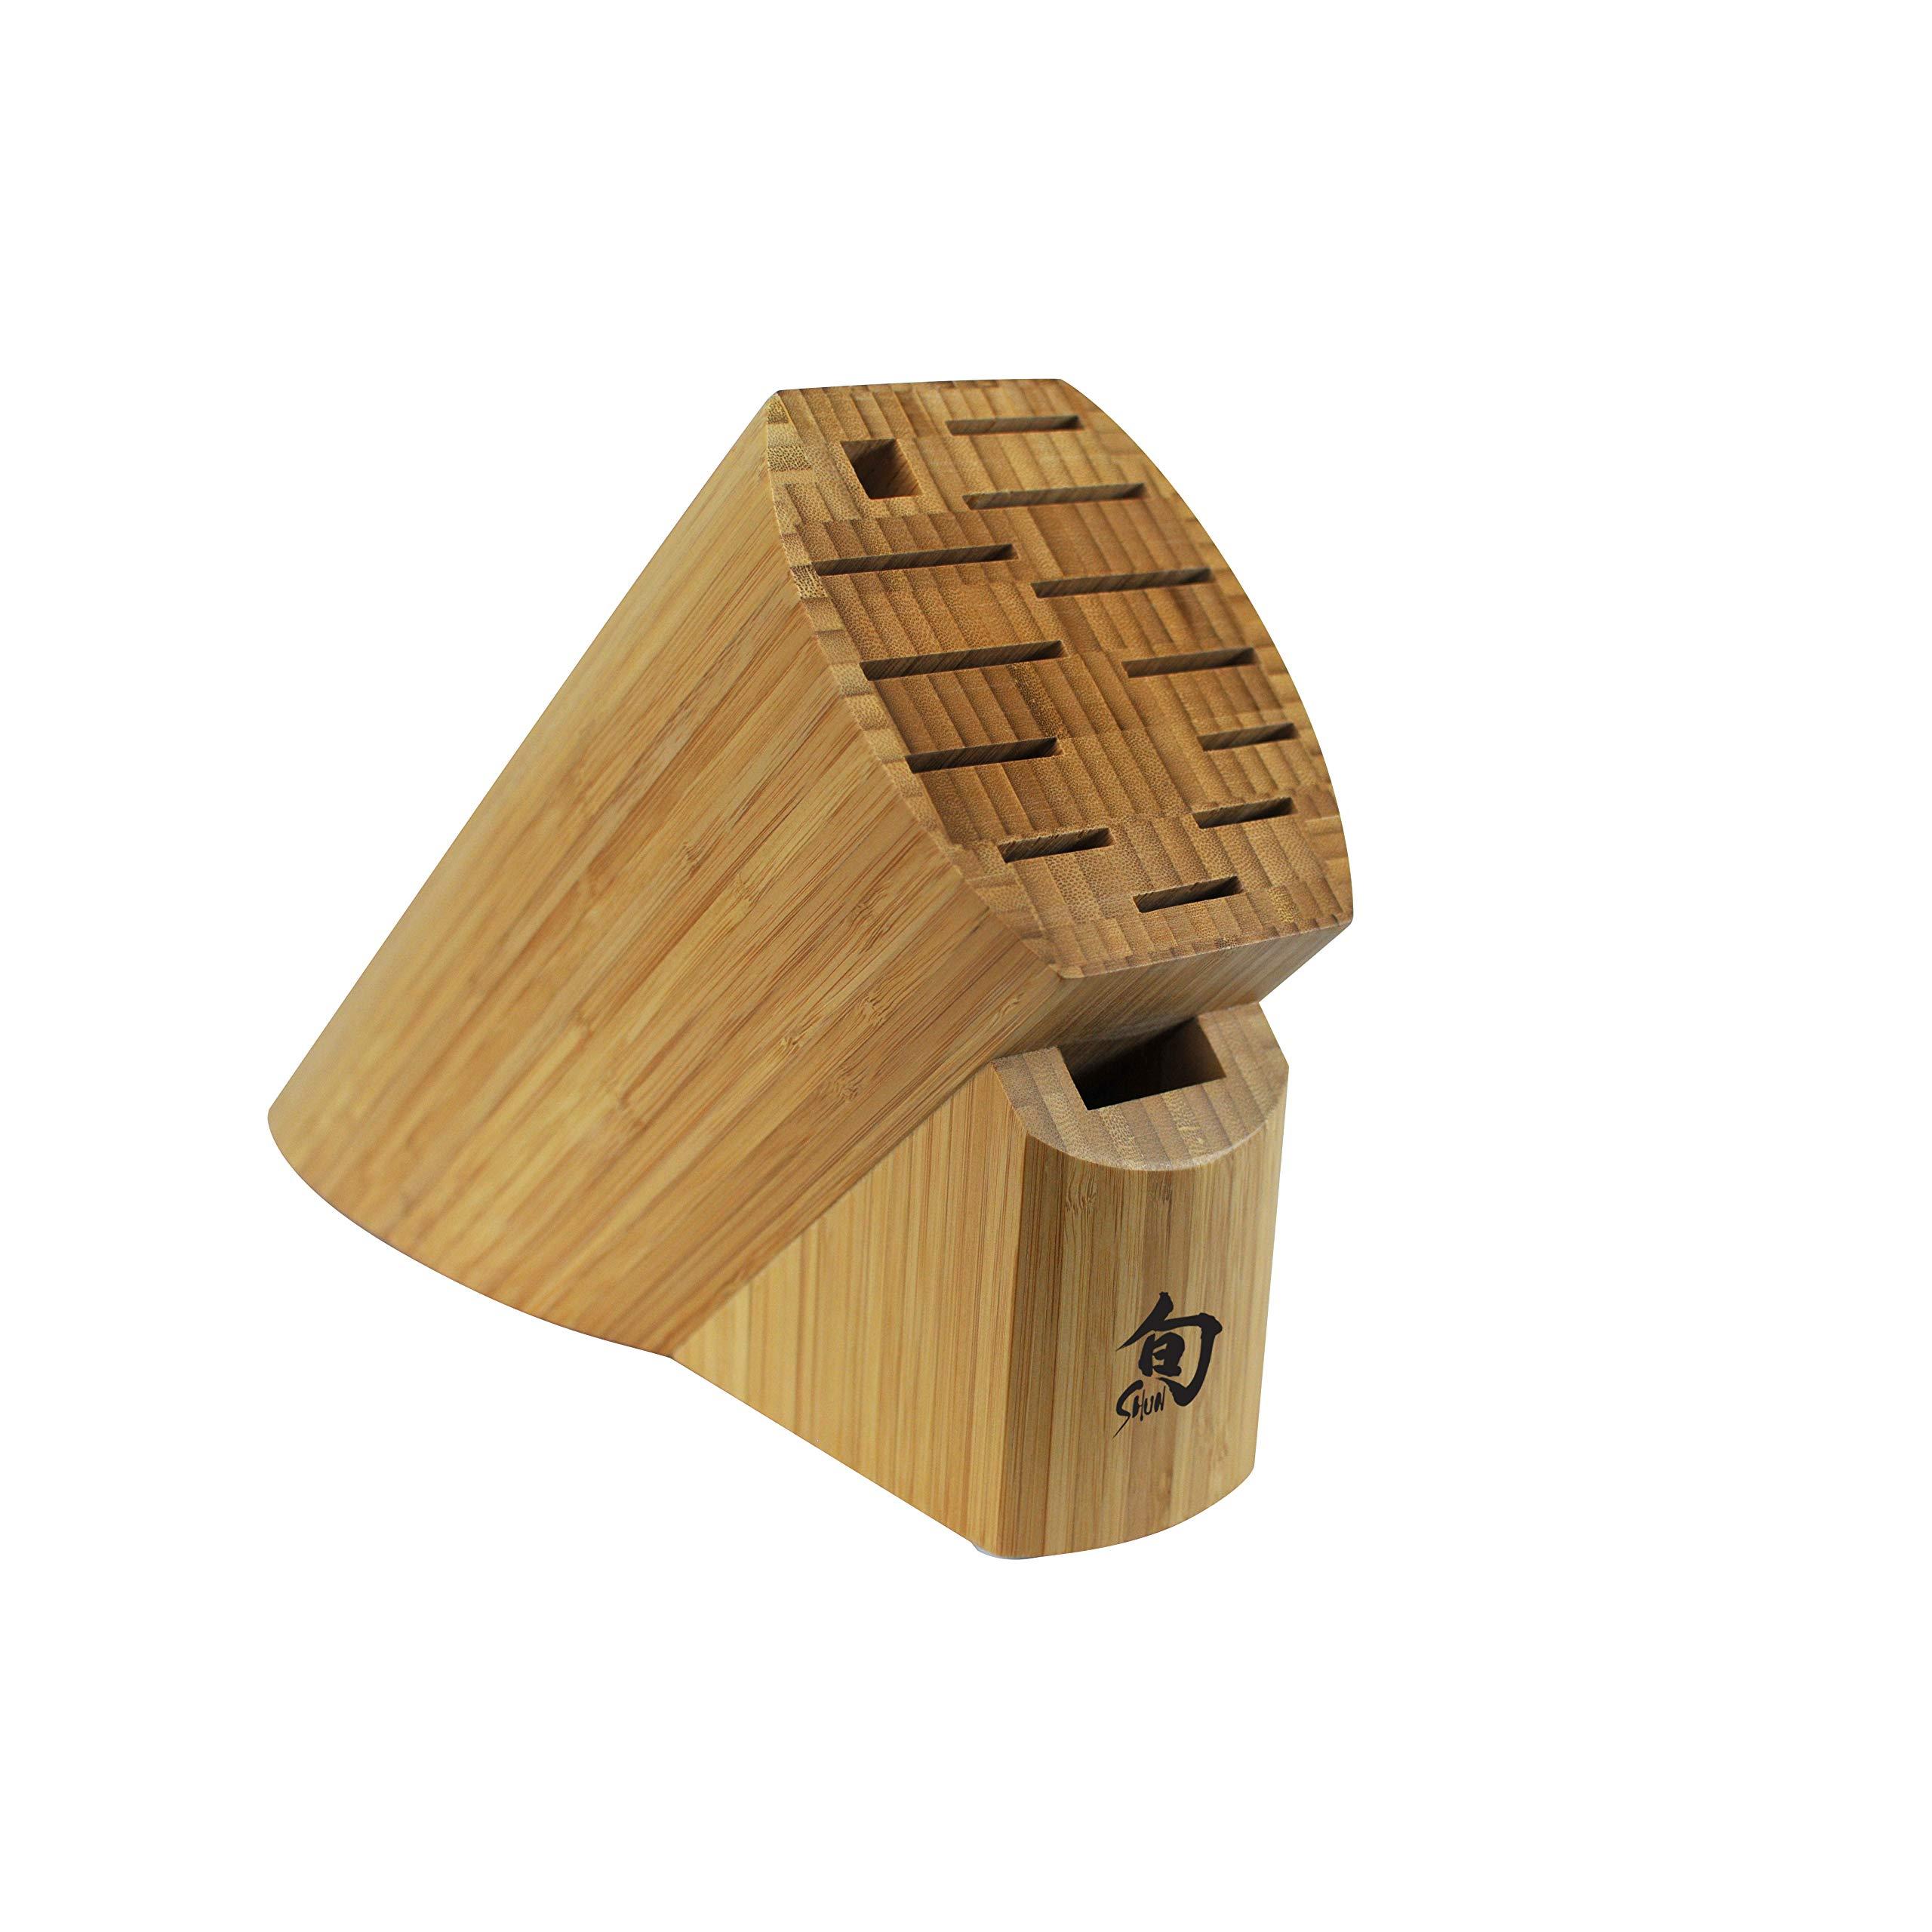 Shun DM0830 Bamboo 13-Slot Knife Block by Shun